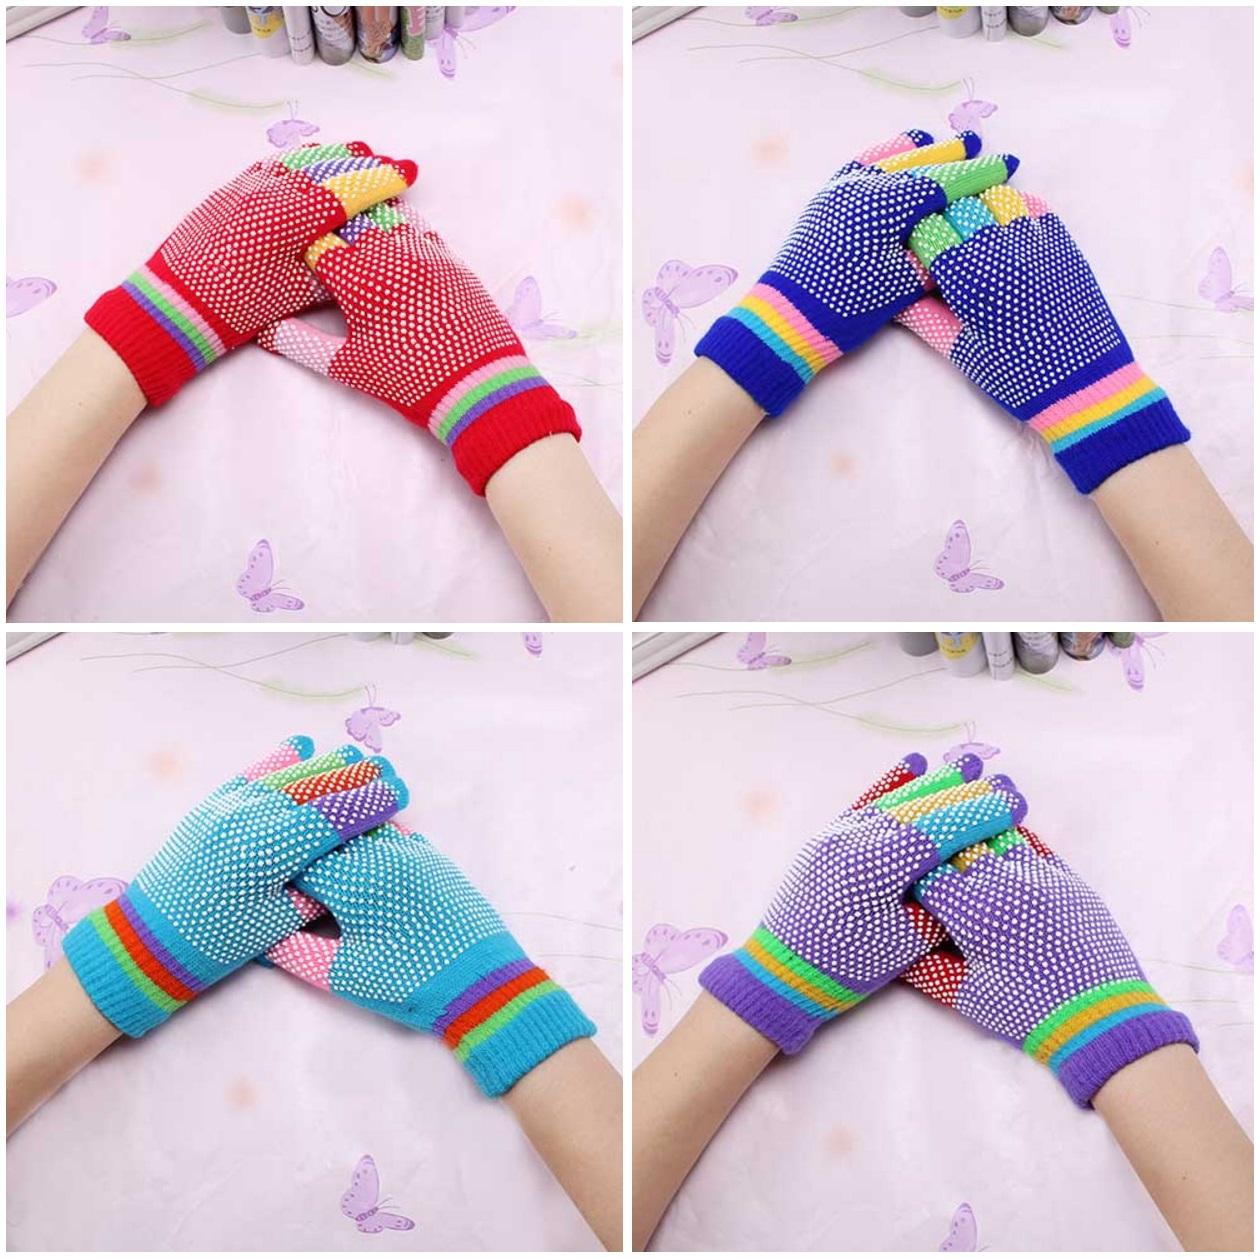 Dětské rukavice / dnk-13-01395